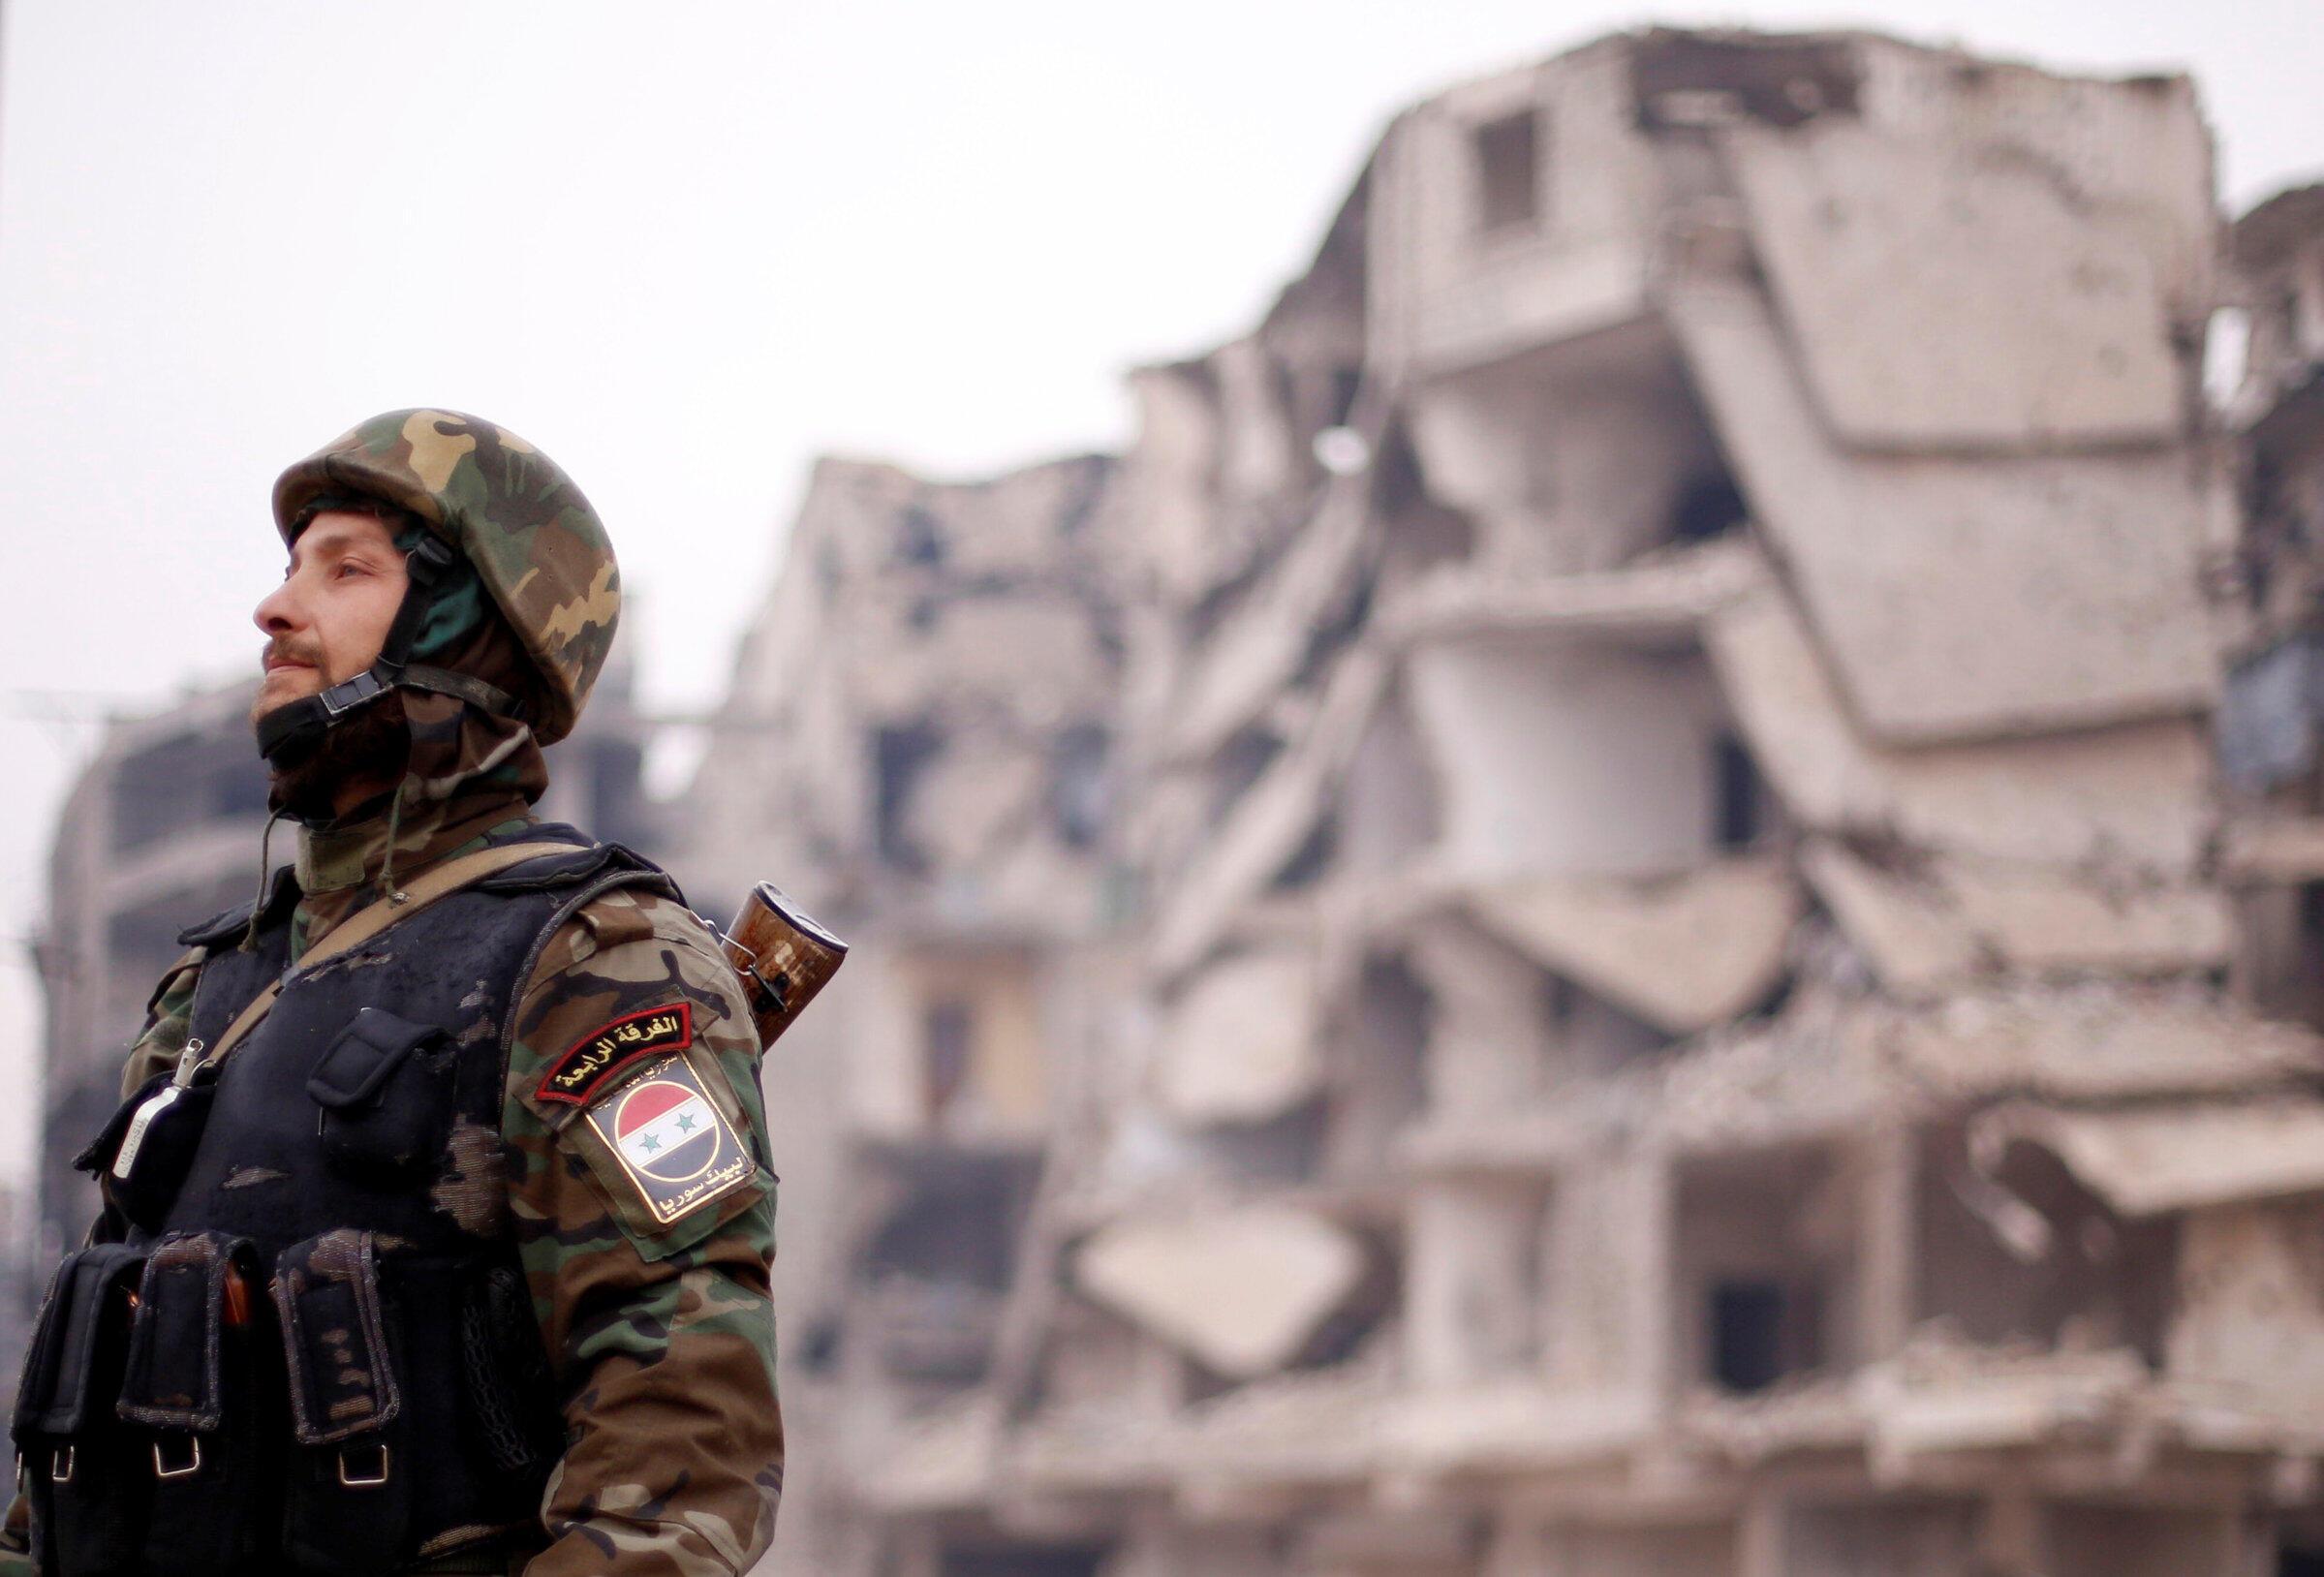 Un soldat de l'armée syrienne devant un bâtiment en ruines d'un quartier d'Alep.